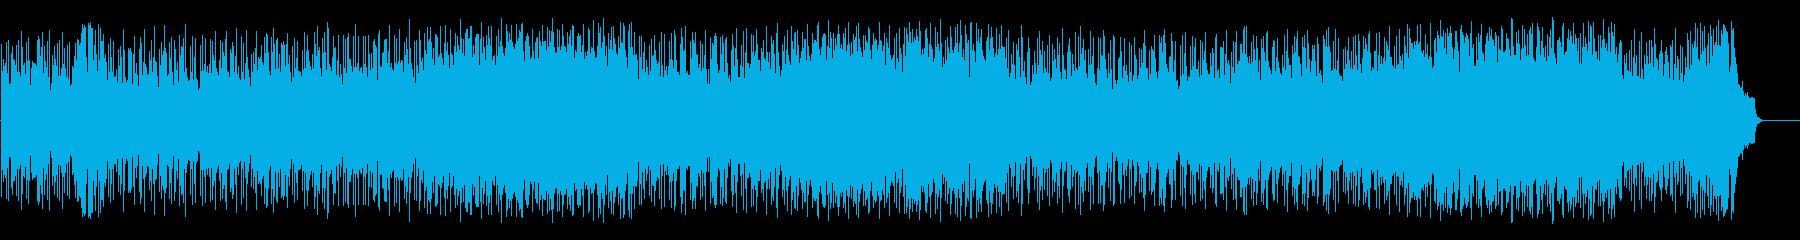 空と海の爽快フュージョン(フルサイズ)の再生済みの波形